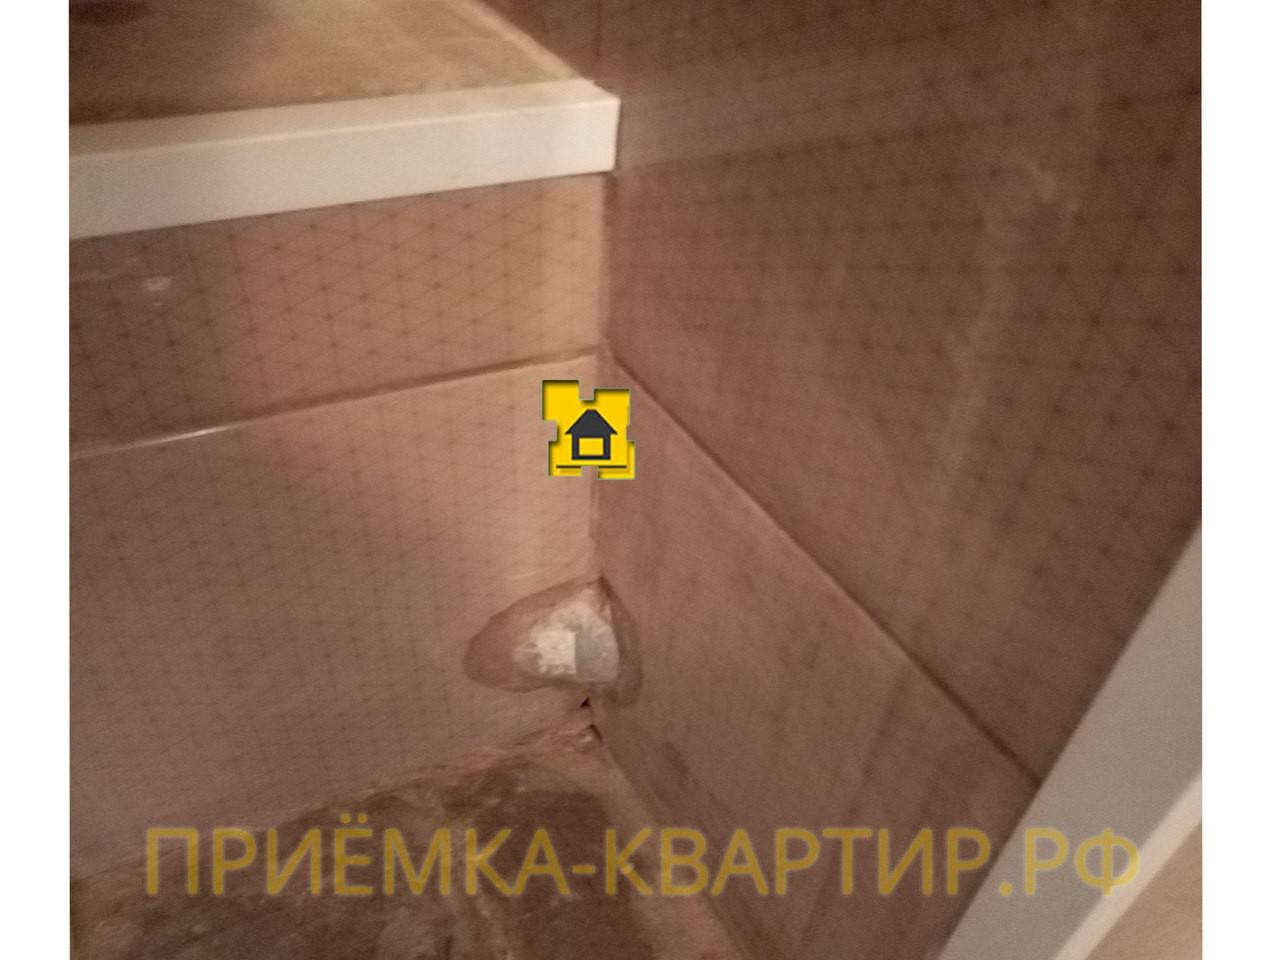 Приёмка квартиры в ЖК Новое Мурино: Выход фановой трубы в углу примыкания плитки